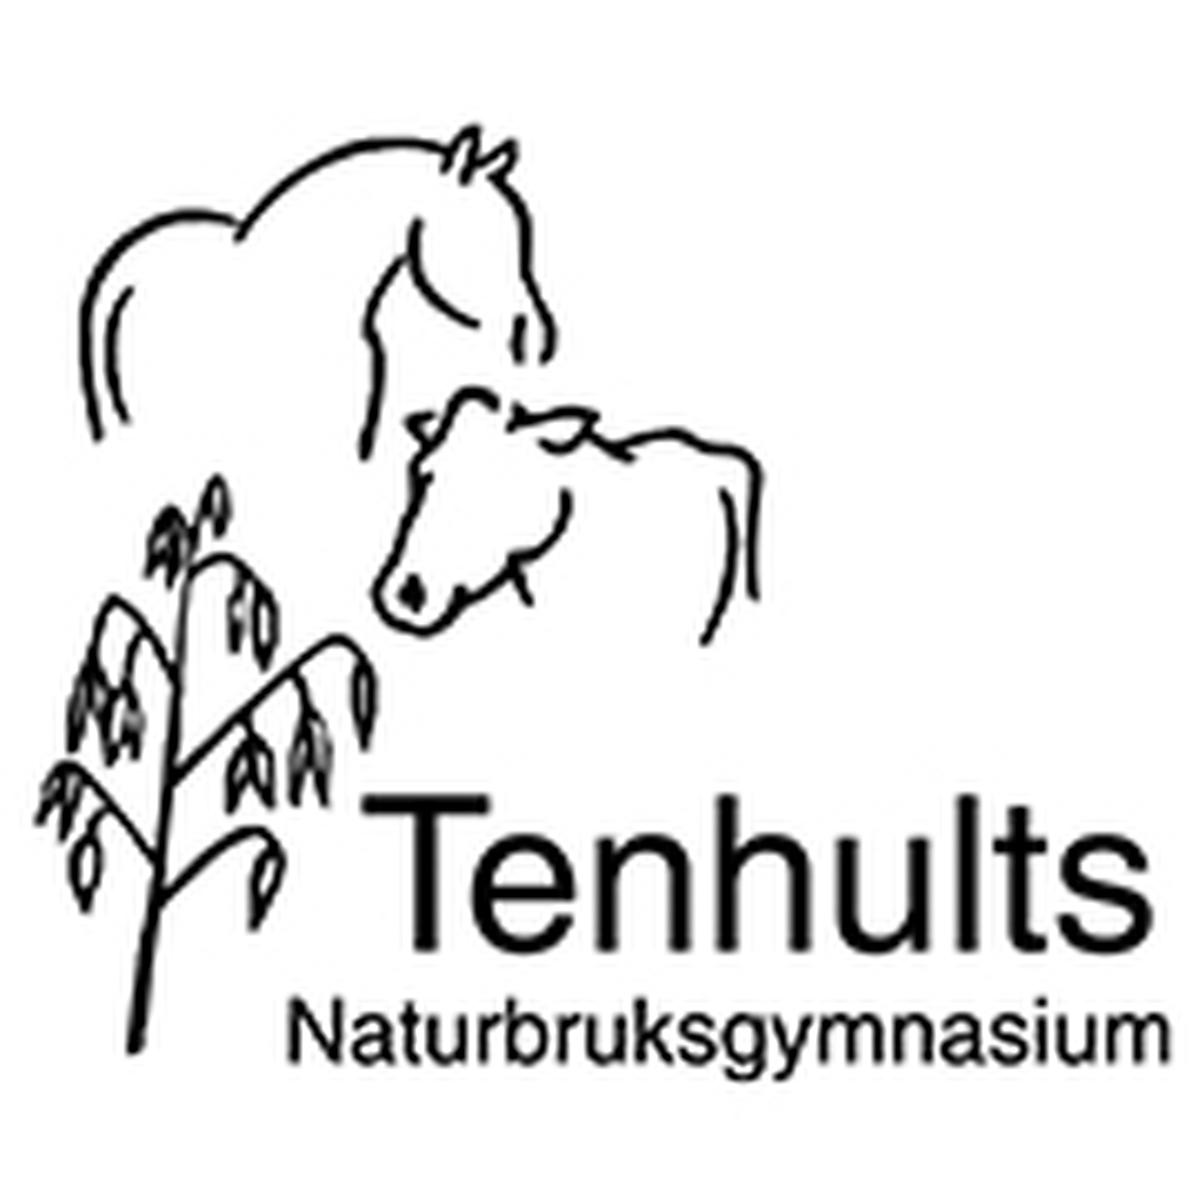 Tenhults Naturbruksgymnasium